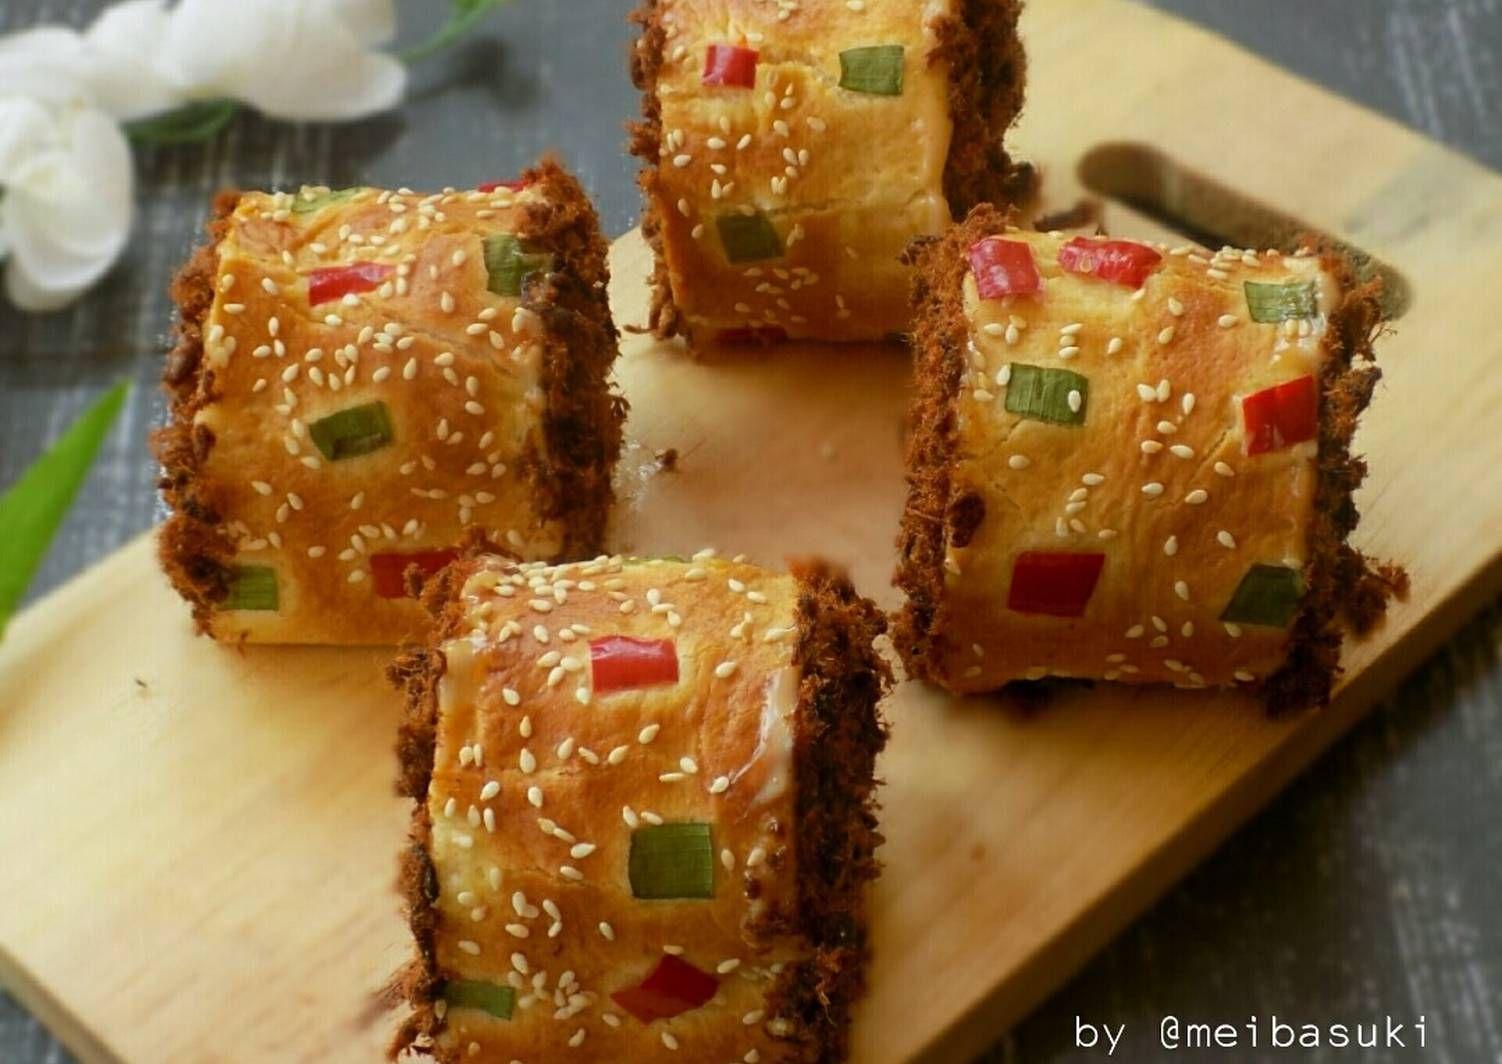 Resep Beef Floss Roll Bun Roti Gulung Abon Sapi Oleh Mei Basuki Resep Rotis Roti Gulung Sapi